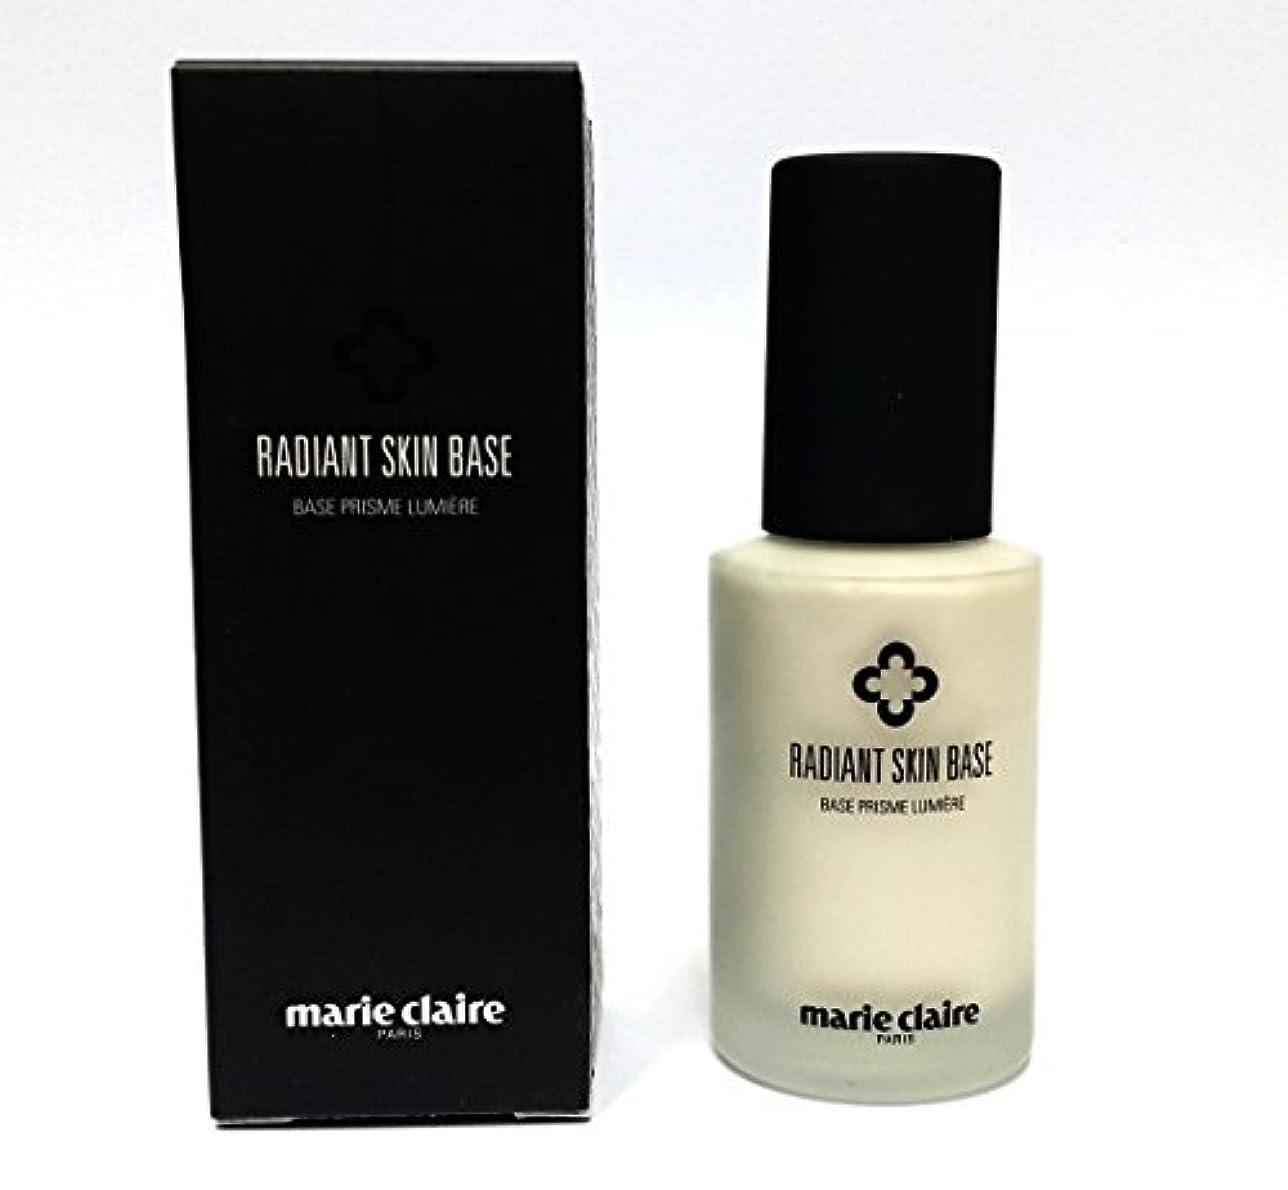 ブローホール横向き複製[Marie Claire] ラディアントスキンベース30ml / Radiant Skin Base 30ml / 皮膚の傷はカバー / skin blemishes cover / ソフト、水分、絹のような / soft...